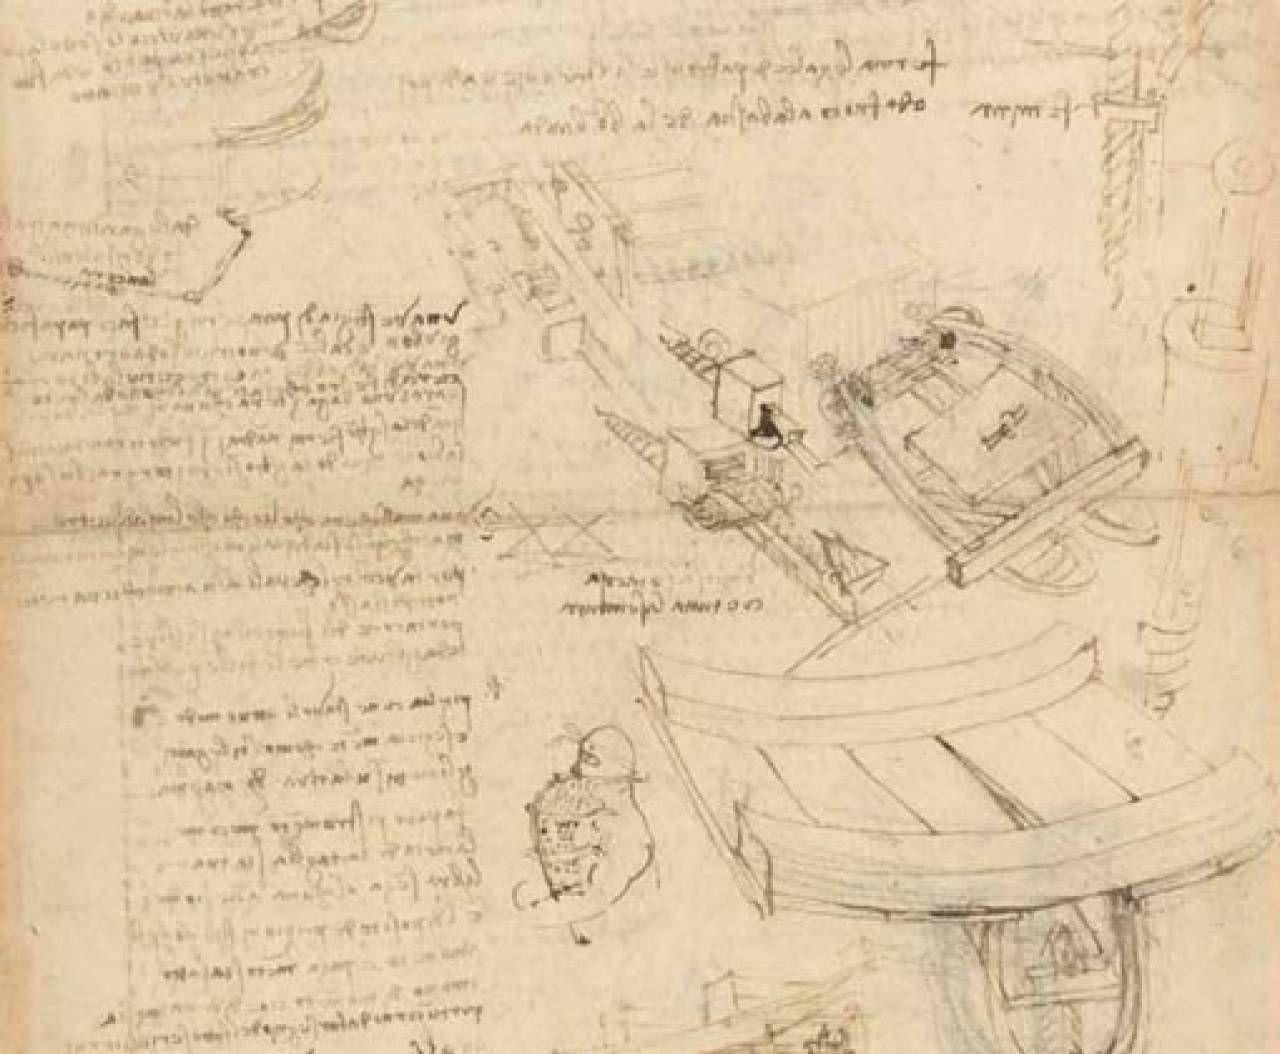 Uno dei preziosi documenti del Codice Atlantico esposti a Palazzo Vecchio